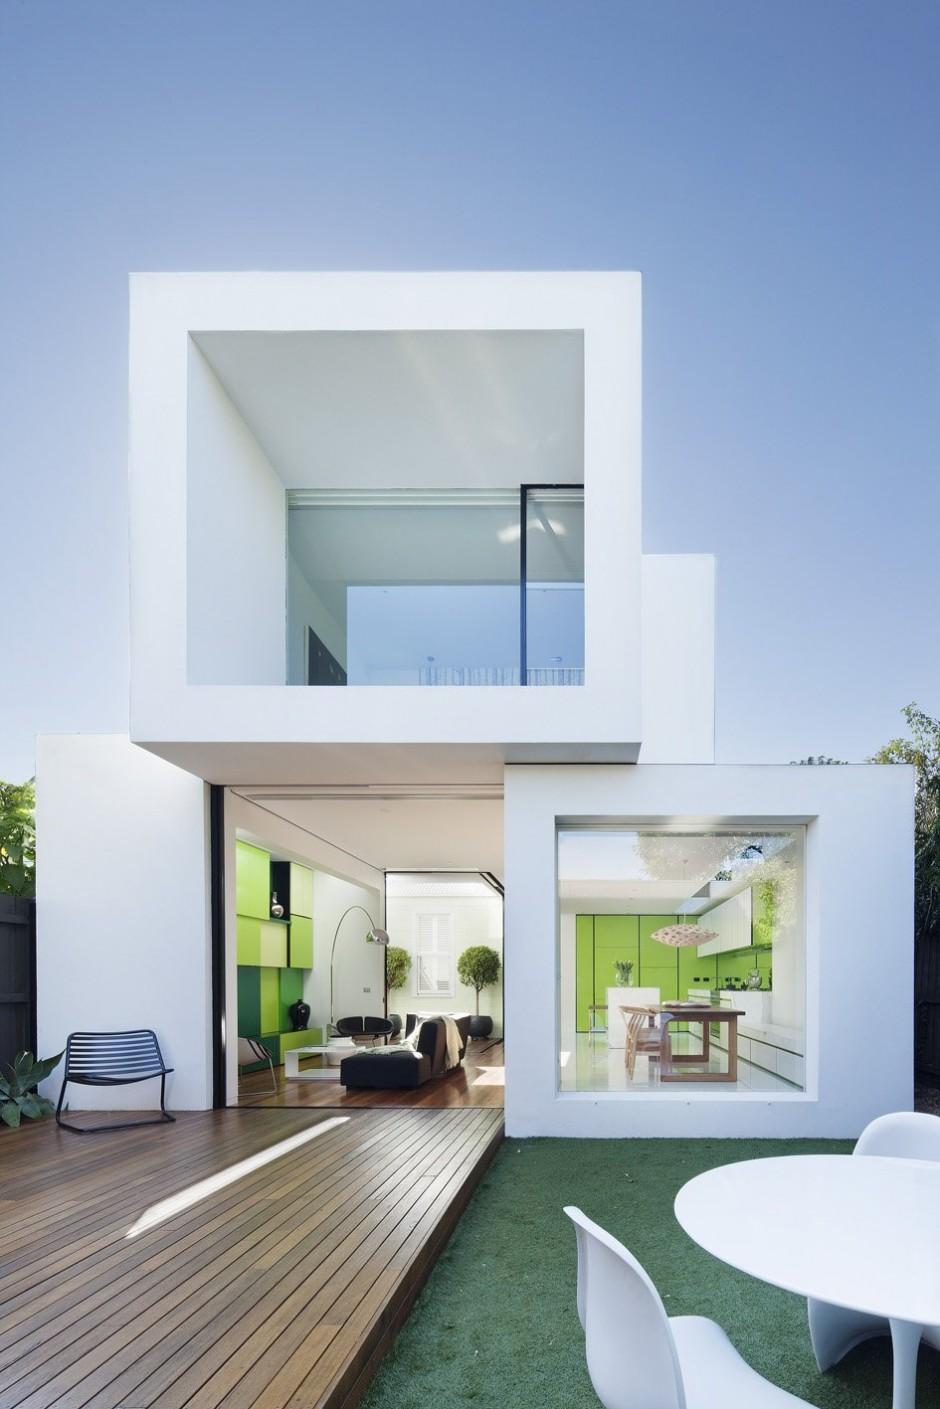 Cute Small minimalistic home architecture house design